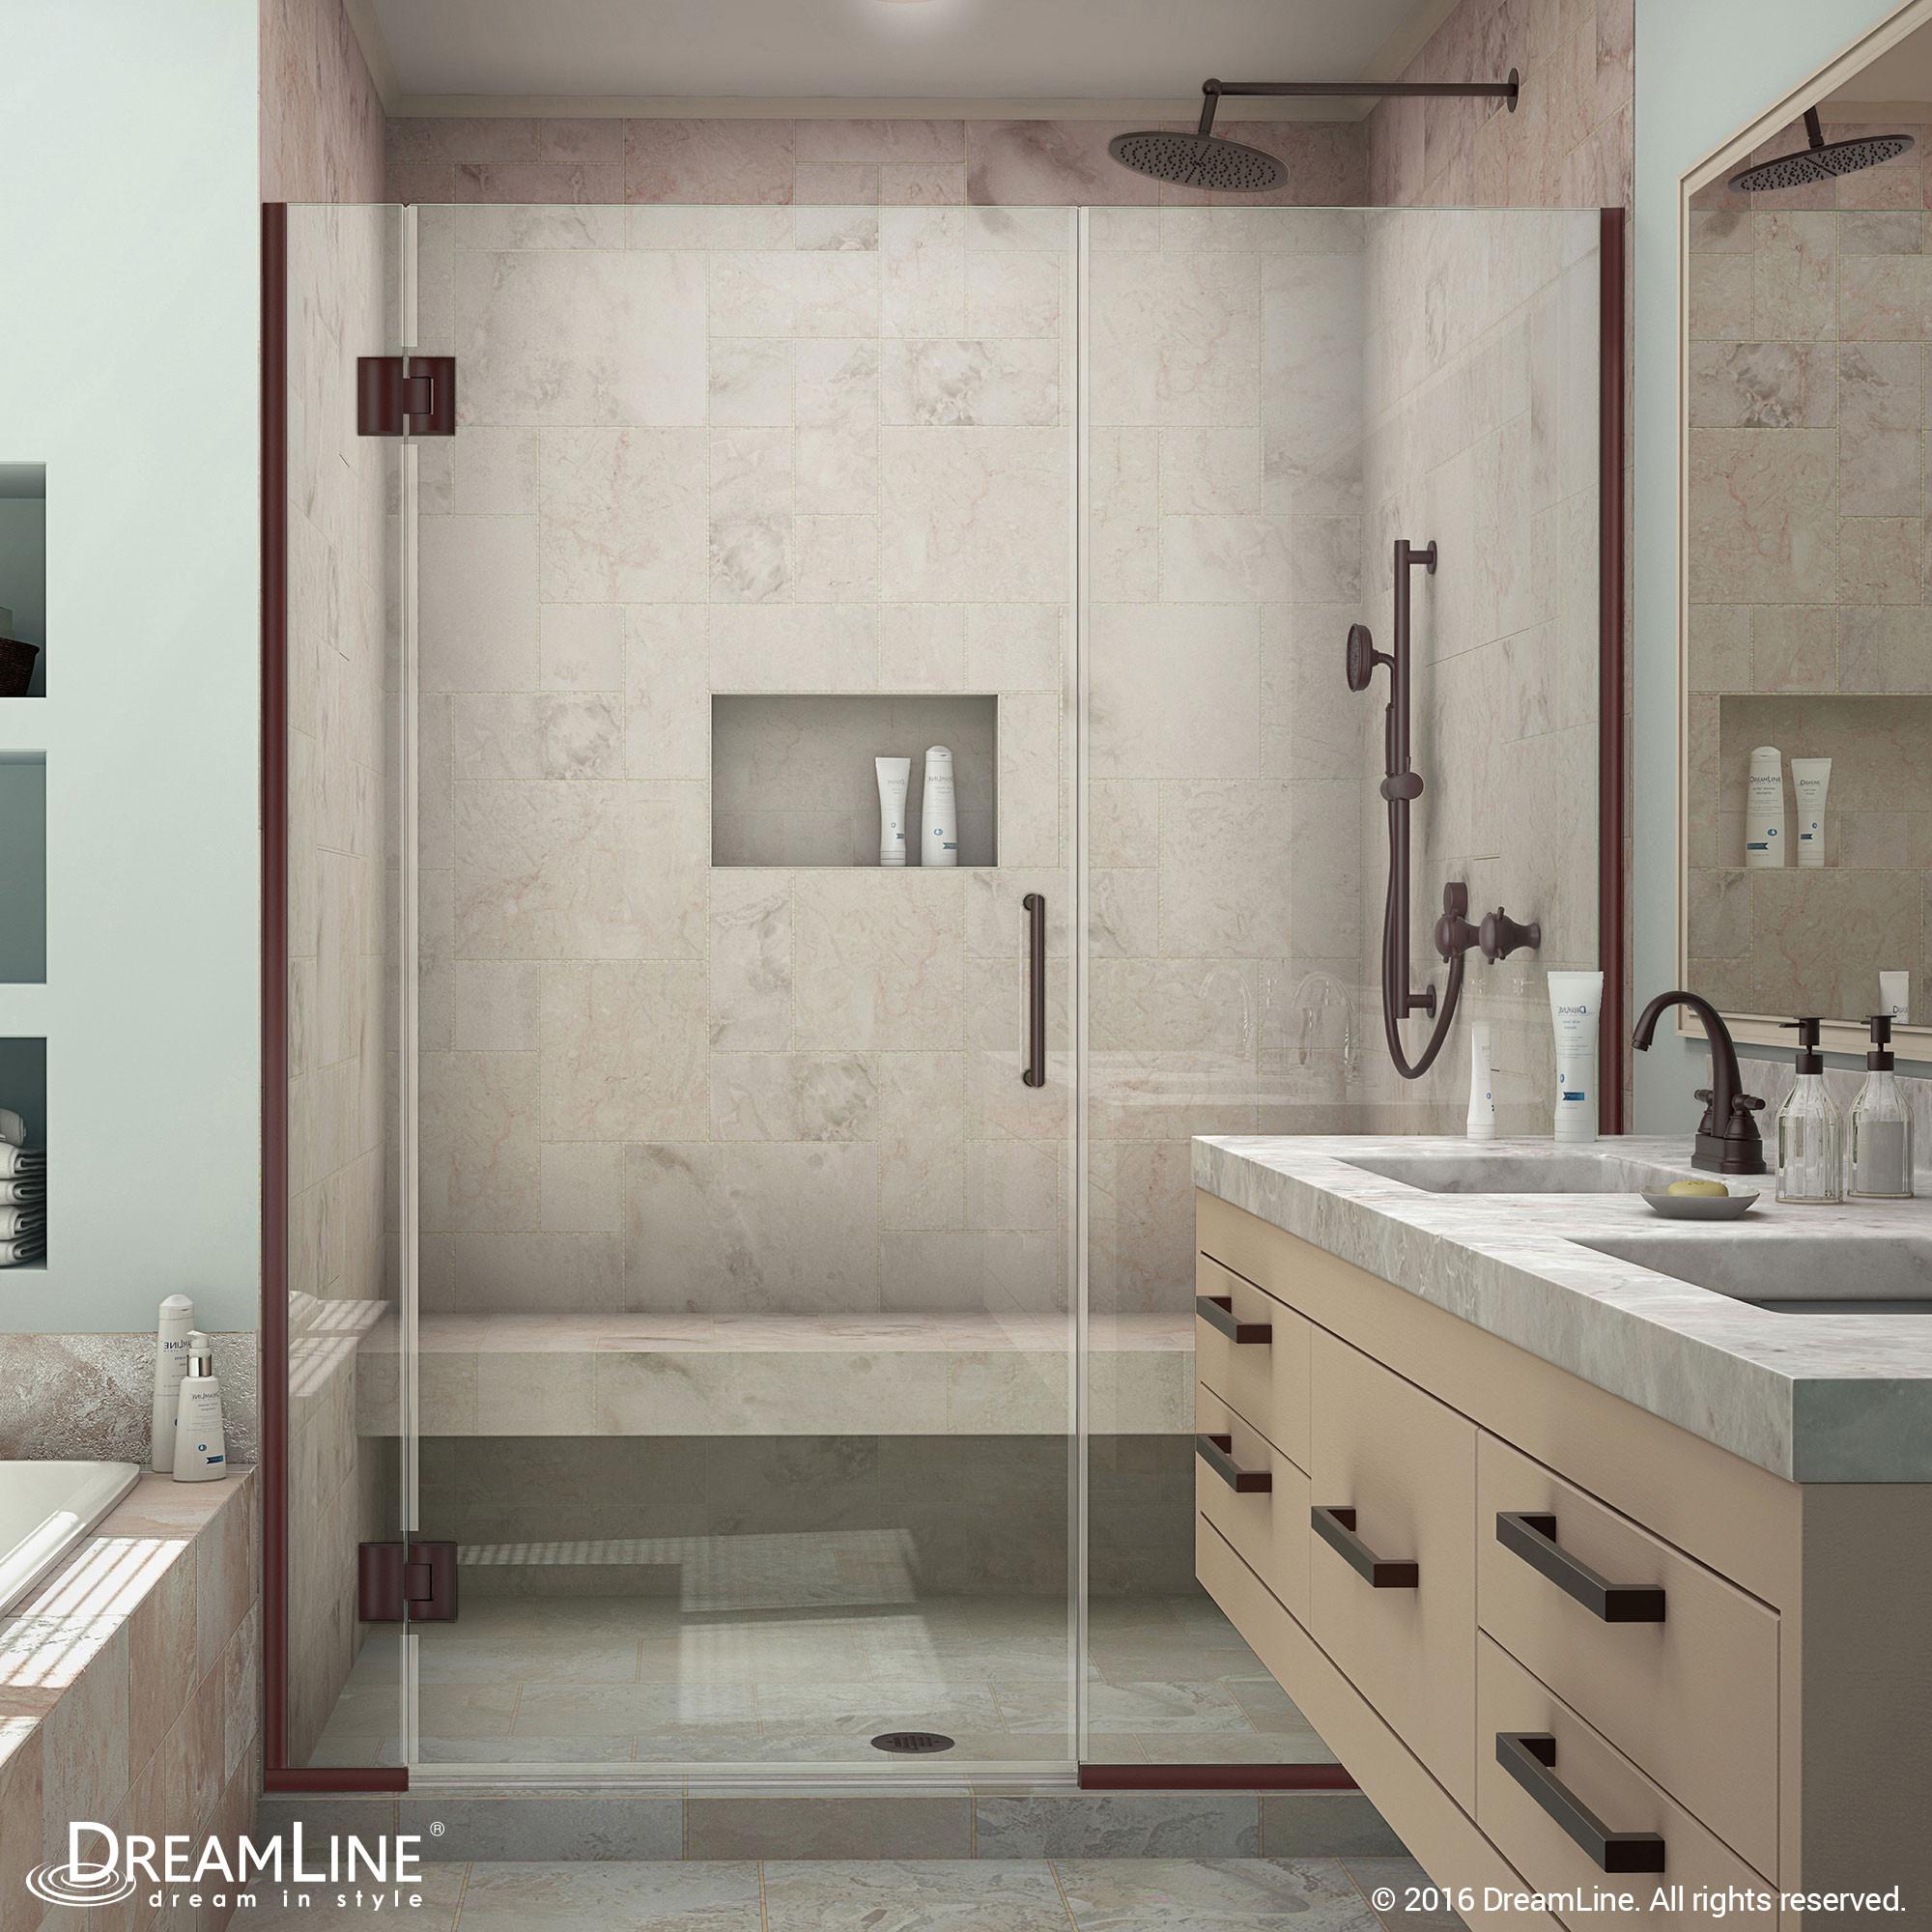 DreamLine D1290672-06 Oil Rubbed Bronze Unidoor-X 41 - 41 1/2 in. W x 72 in. H Hinged Shower Door